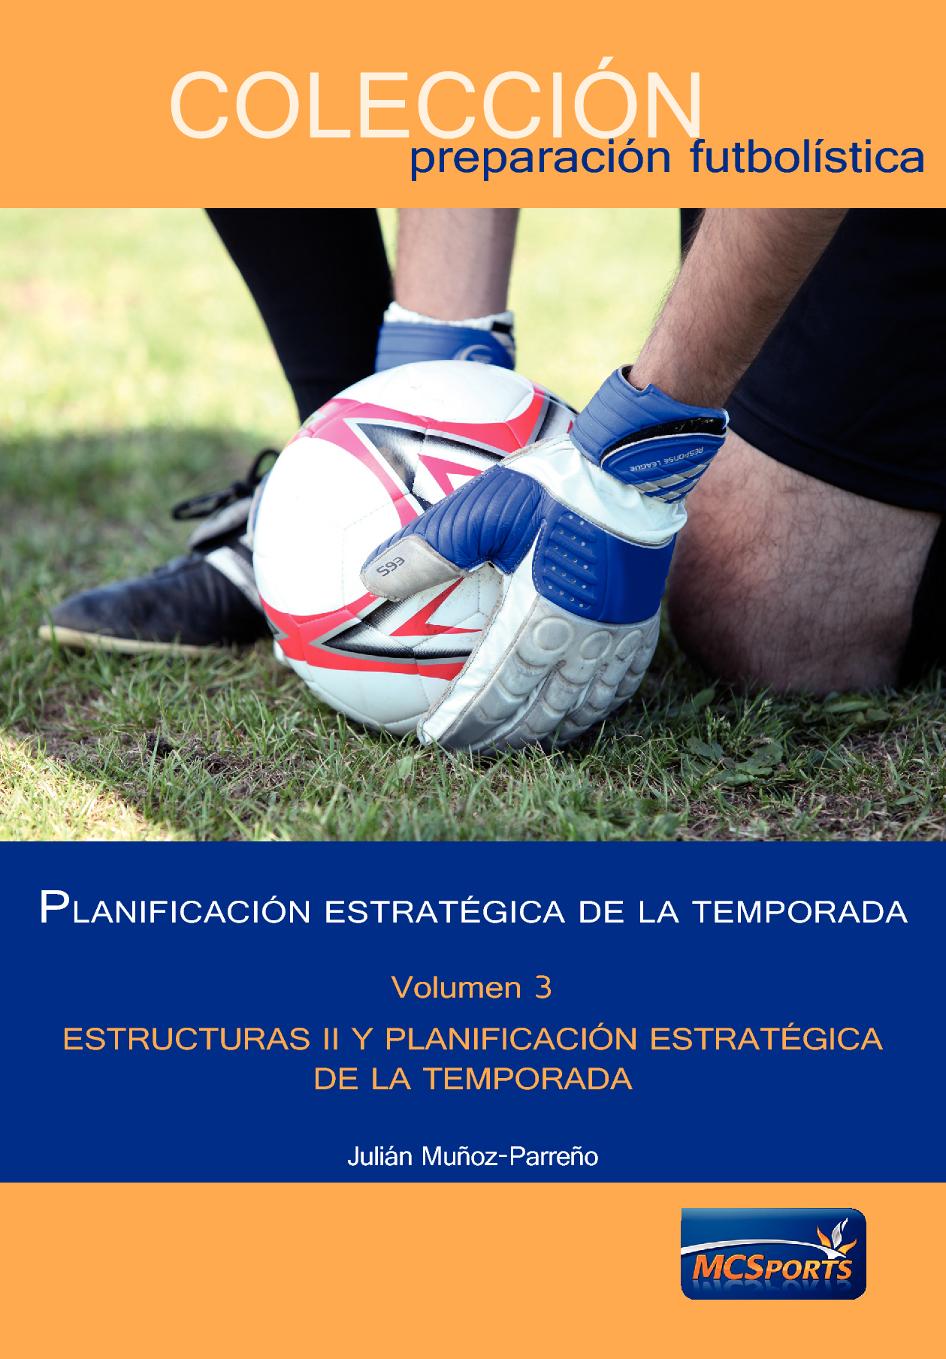 PLANIFICACIÓN ESTRATÉGICA DE LA TEMPORADA VOL III ESTRUCTURAS II